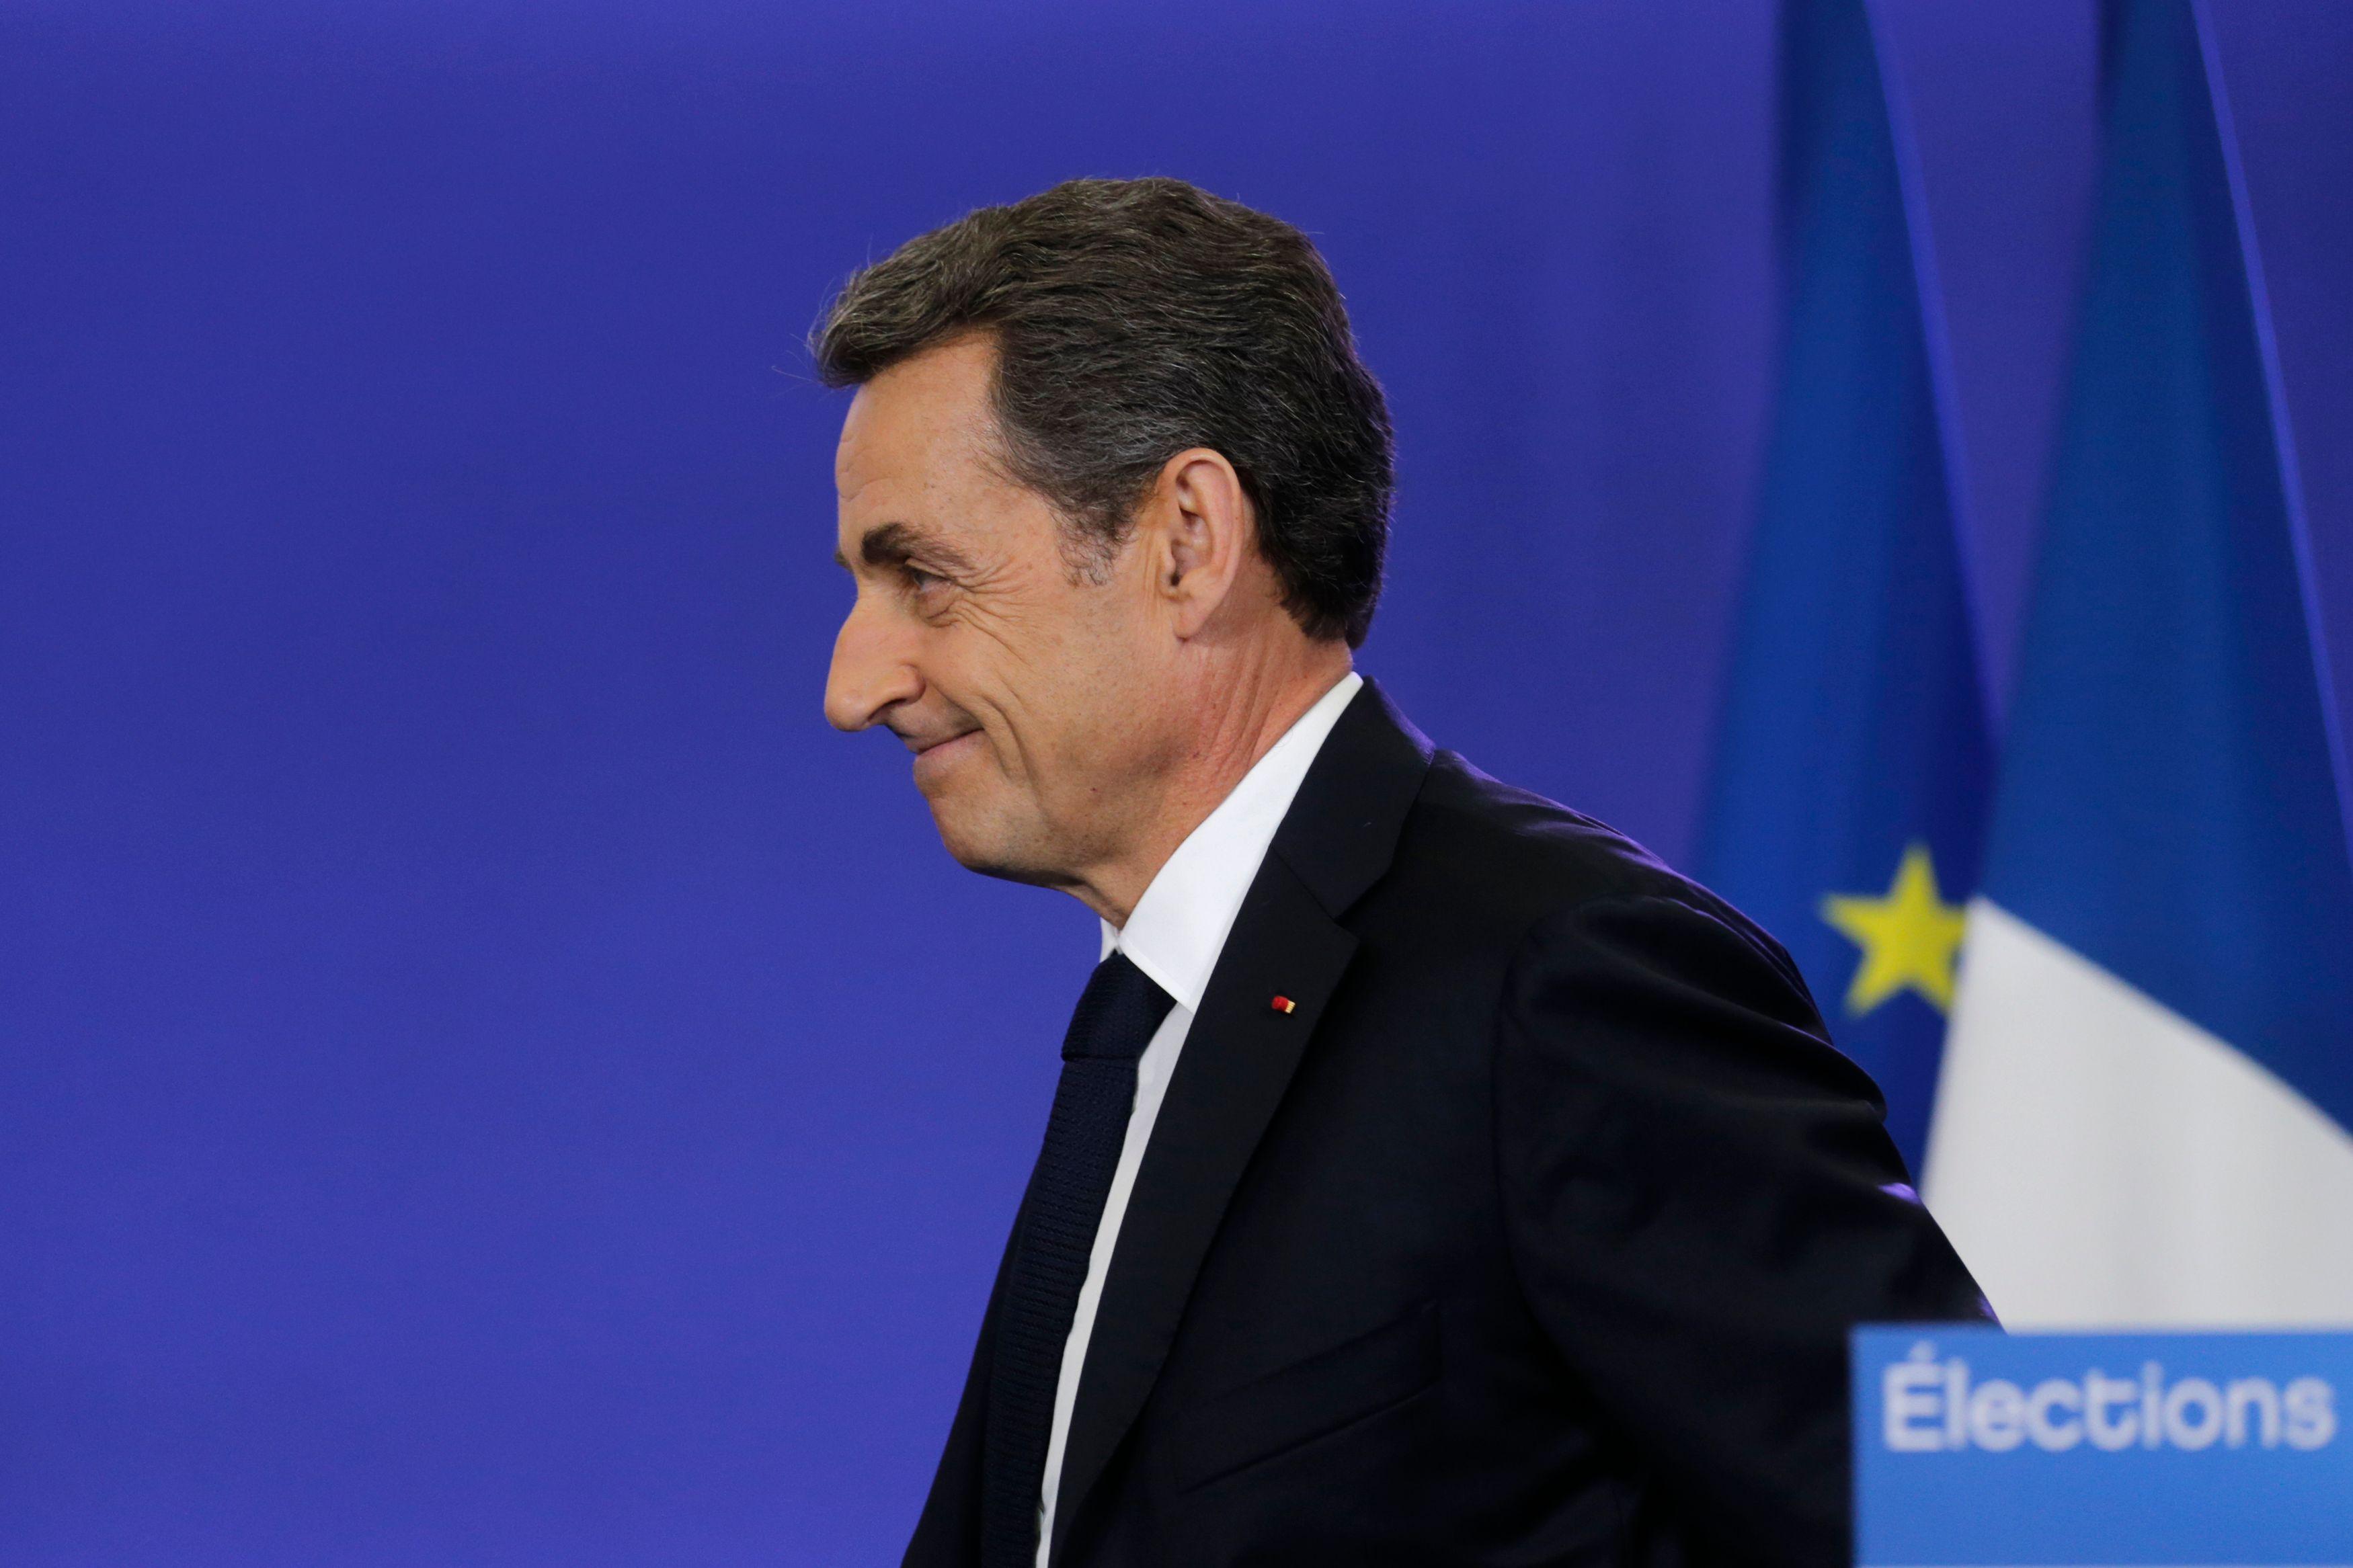 """Incidents du 1er mai lors du défilé du FN : Nicolas Sarkozy fustige """"l'outrance et la violence de certains"""""""